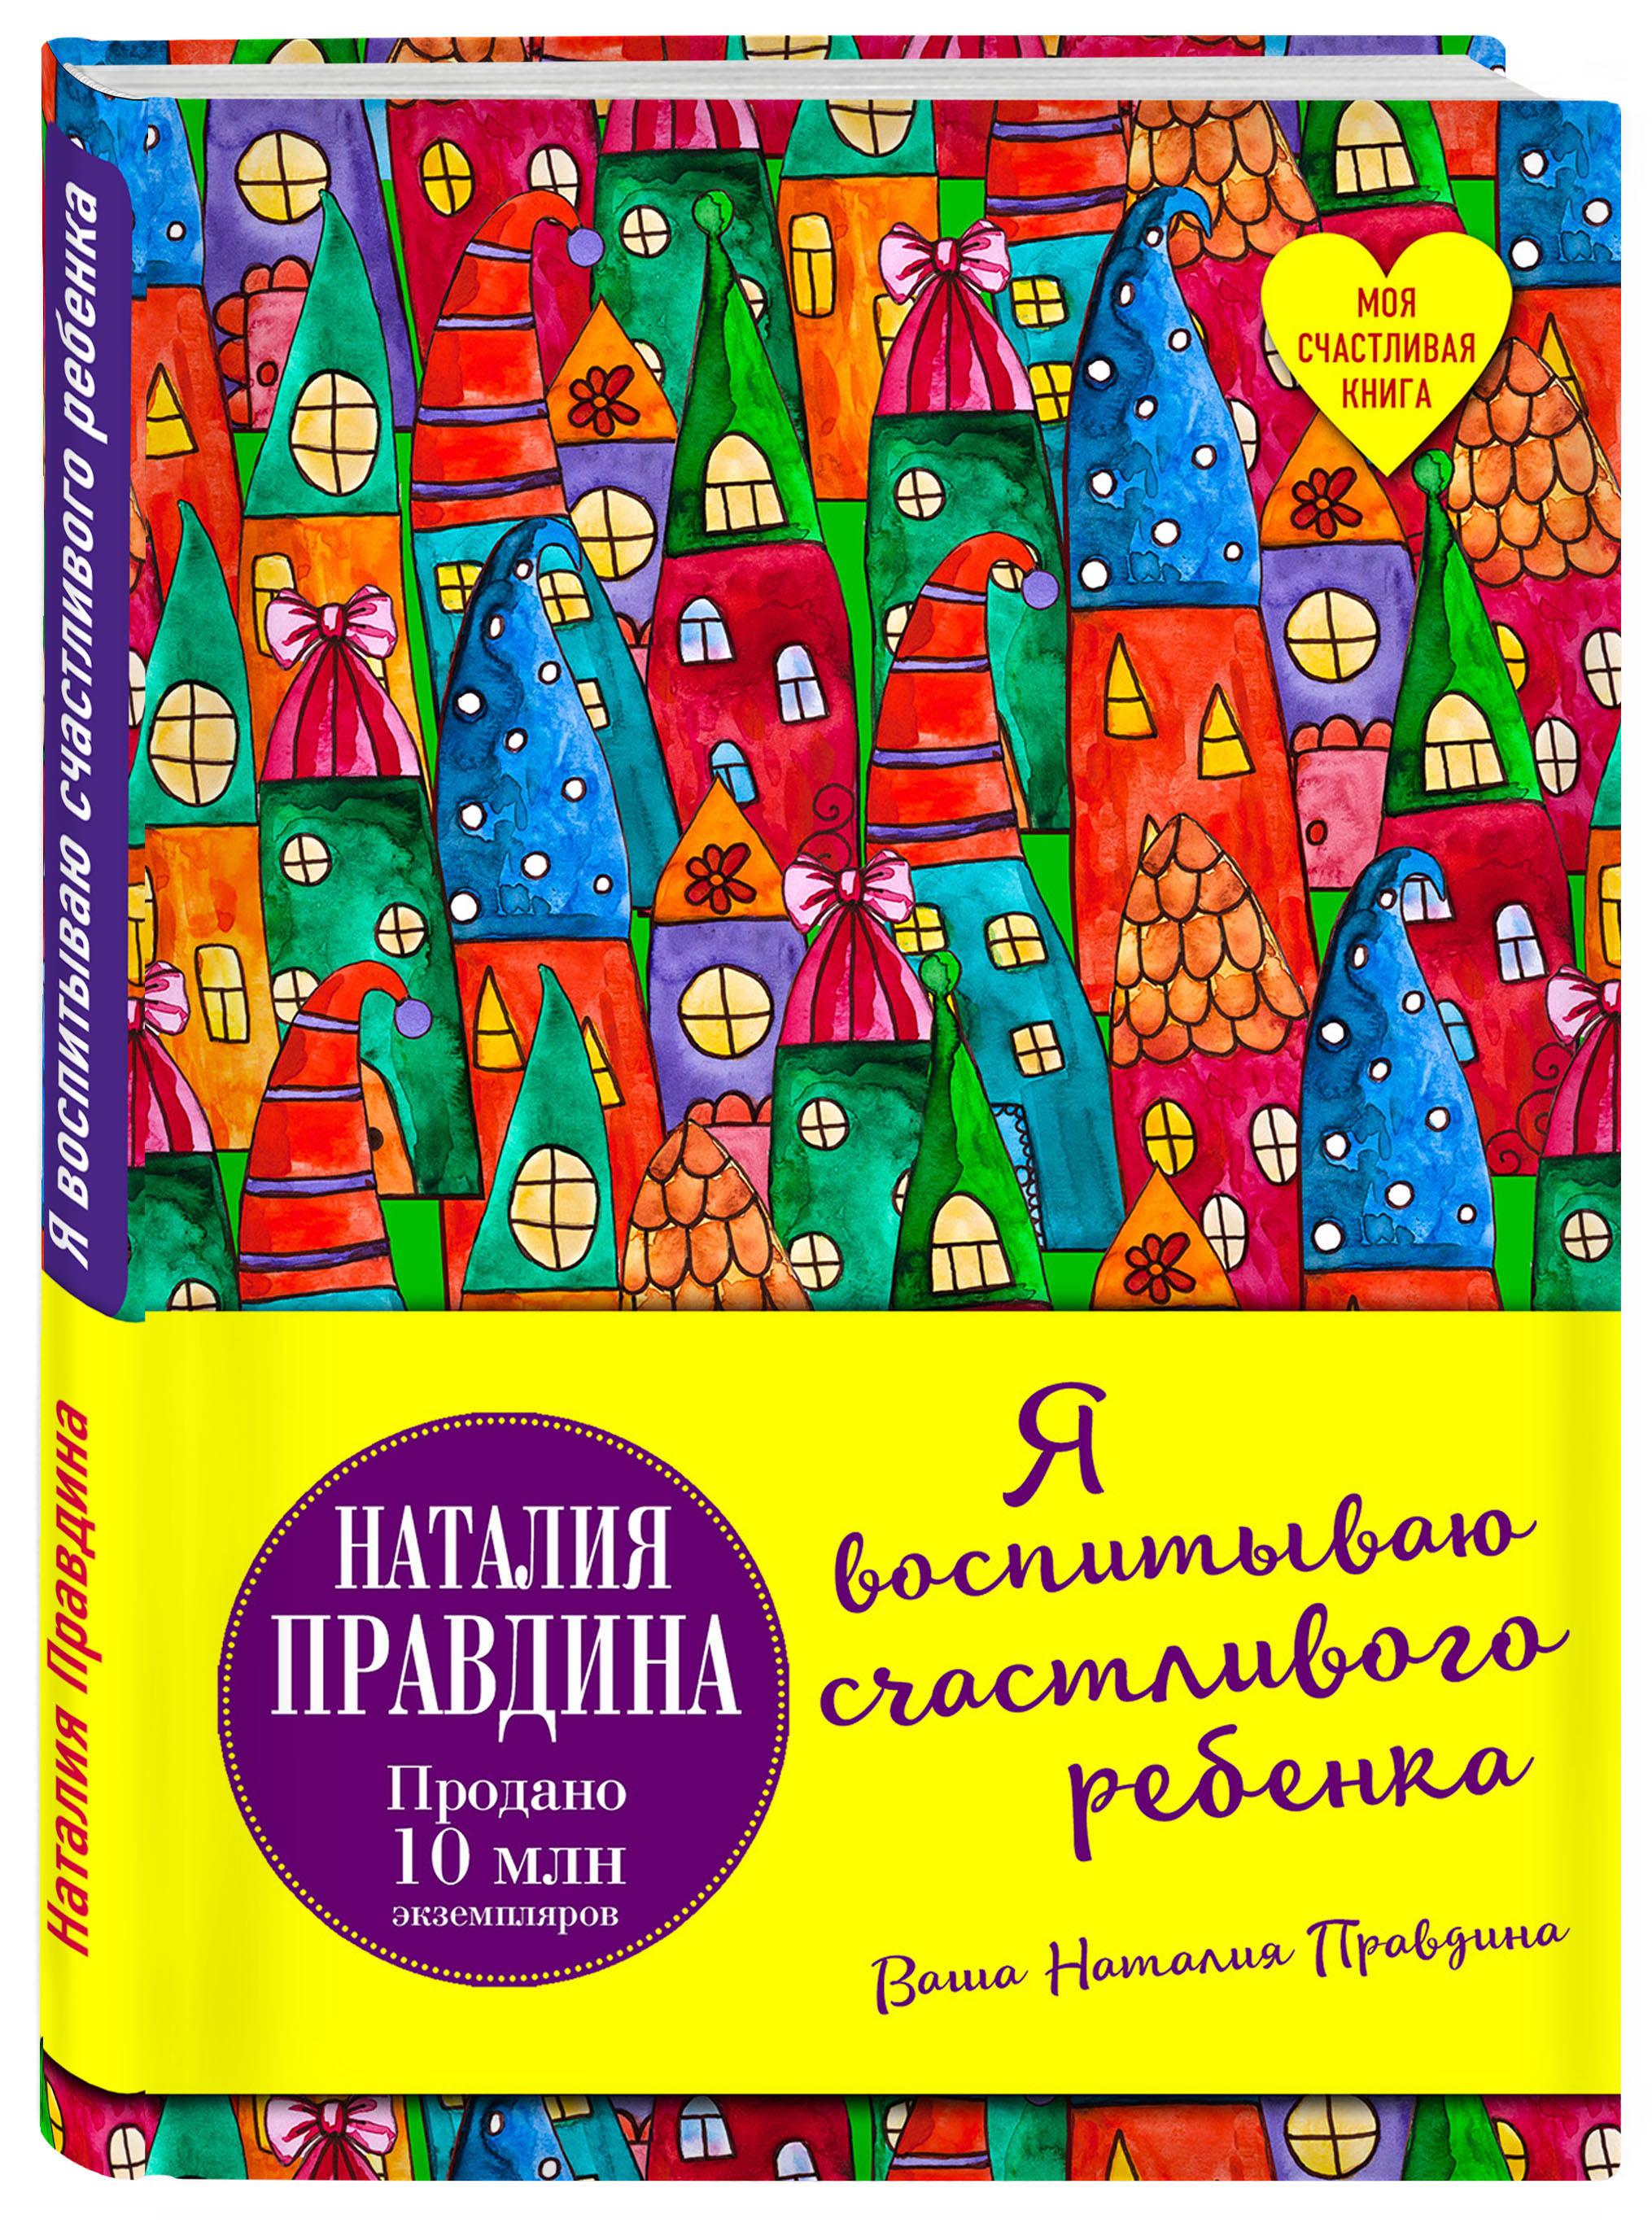 Наталия Правдина Я воспитываю счастливого ребенка правдина н ред правдина isbn 9785912071805